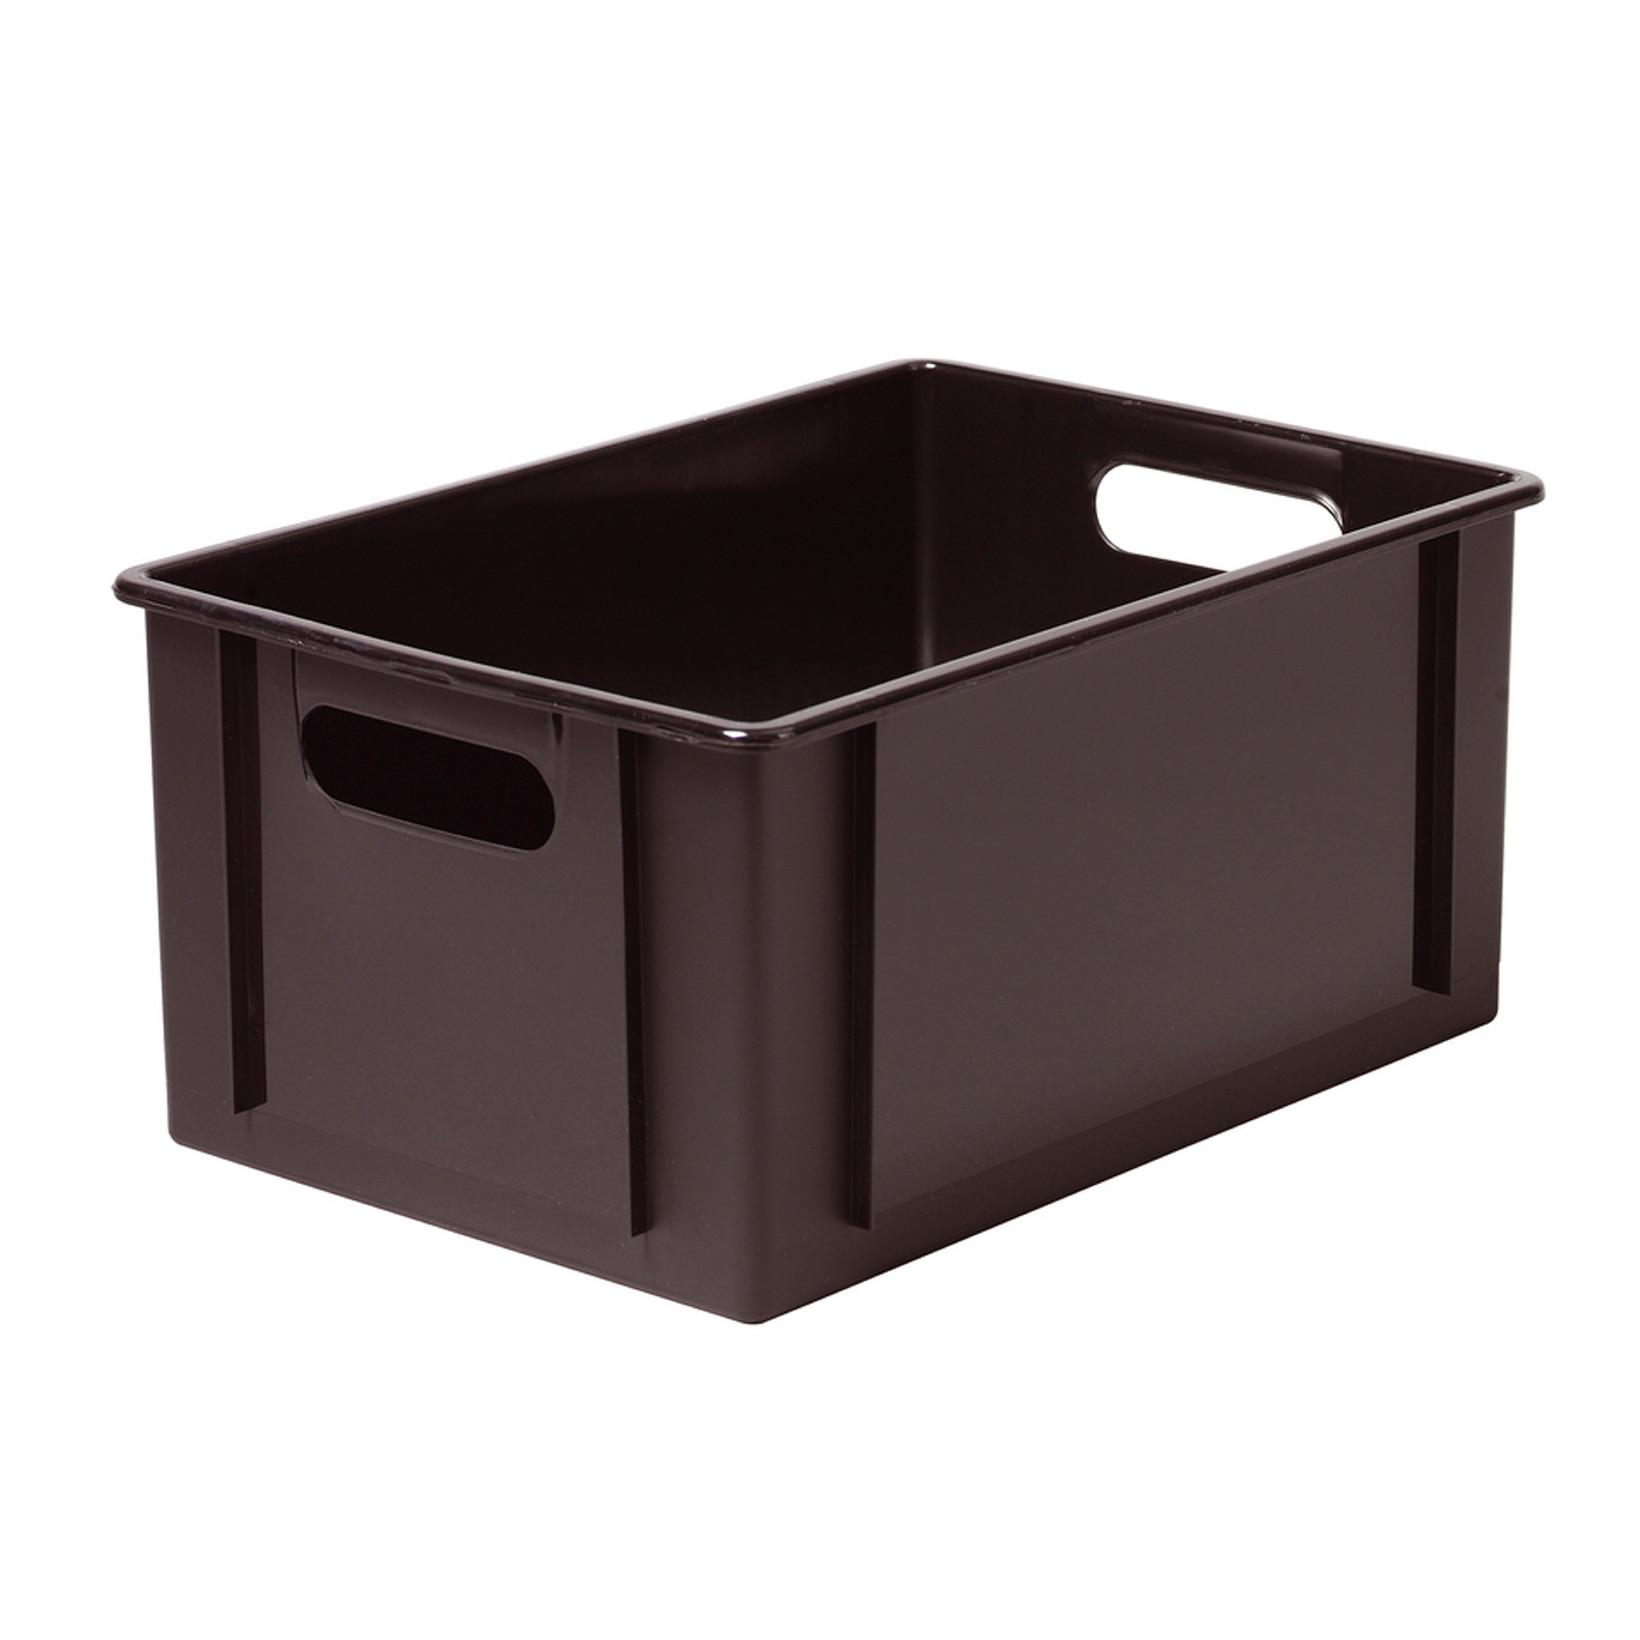 Klodskasser sort - Smart Store 12,5 liter 34 x 24 x 16 cm